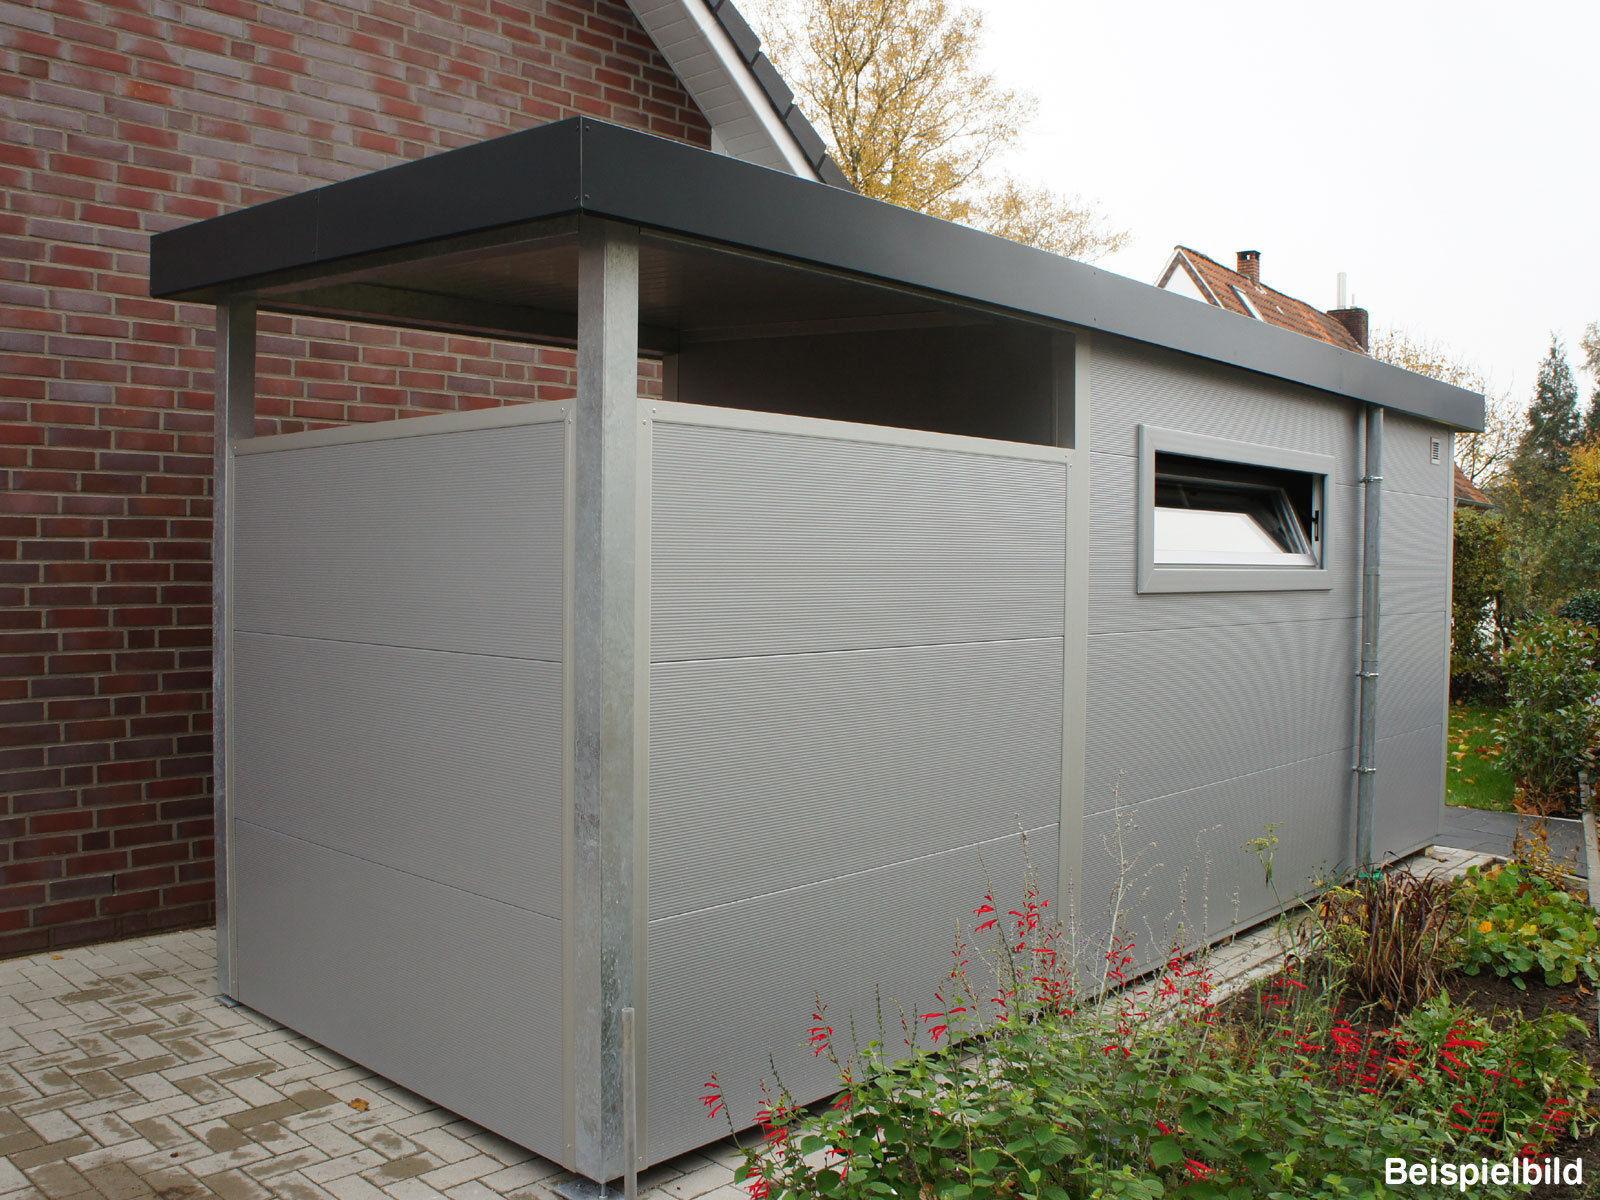 Sehr GO-ISO - HOCHWERTIGES Gartenhaus isoliert - weißaluminium - 6,00 x NC33